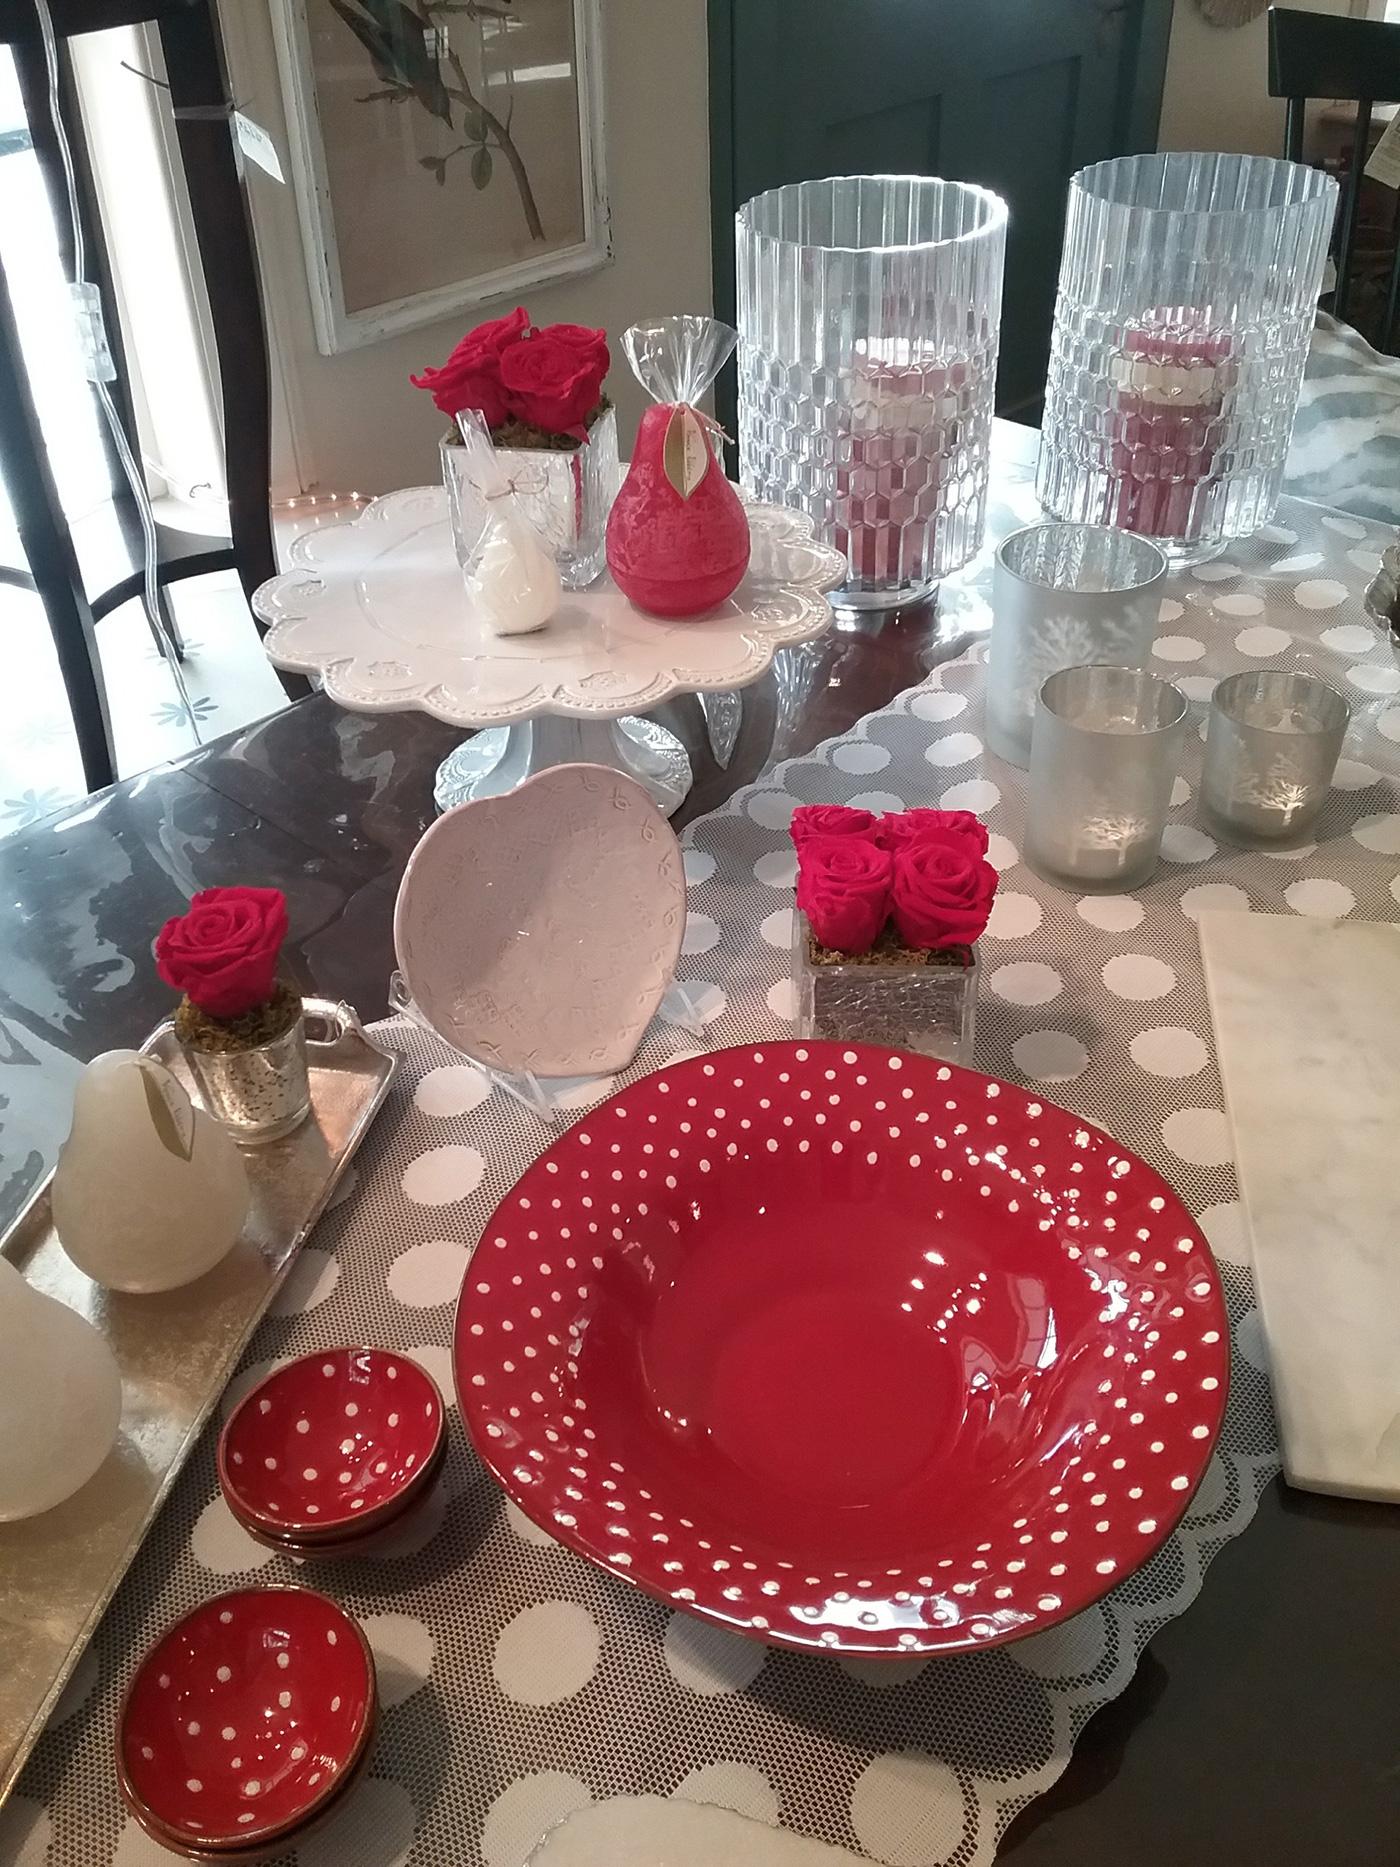 Valentine's Day tableware